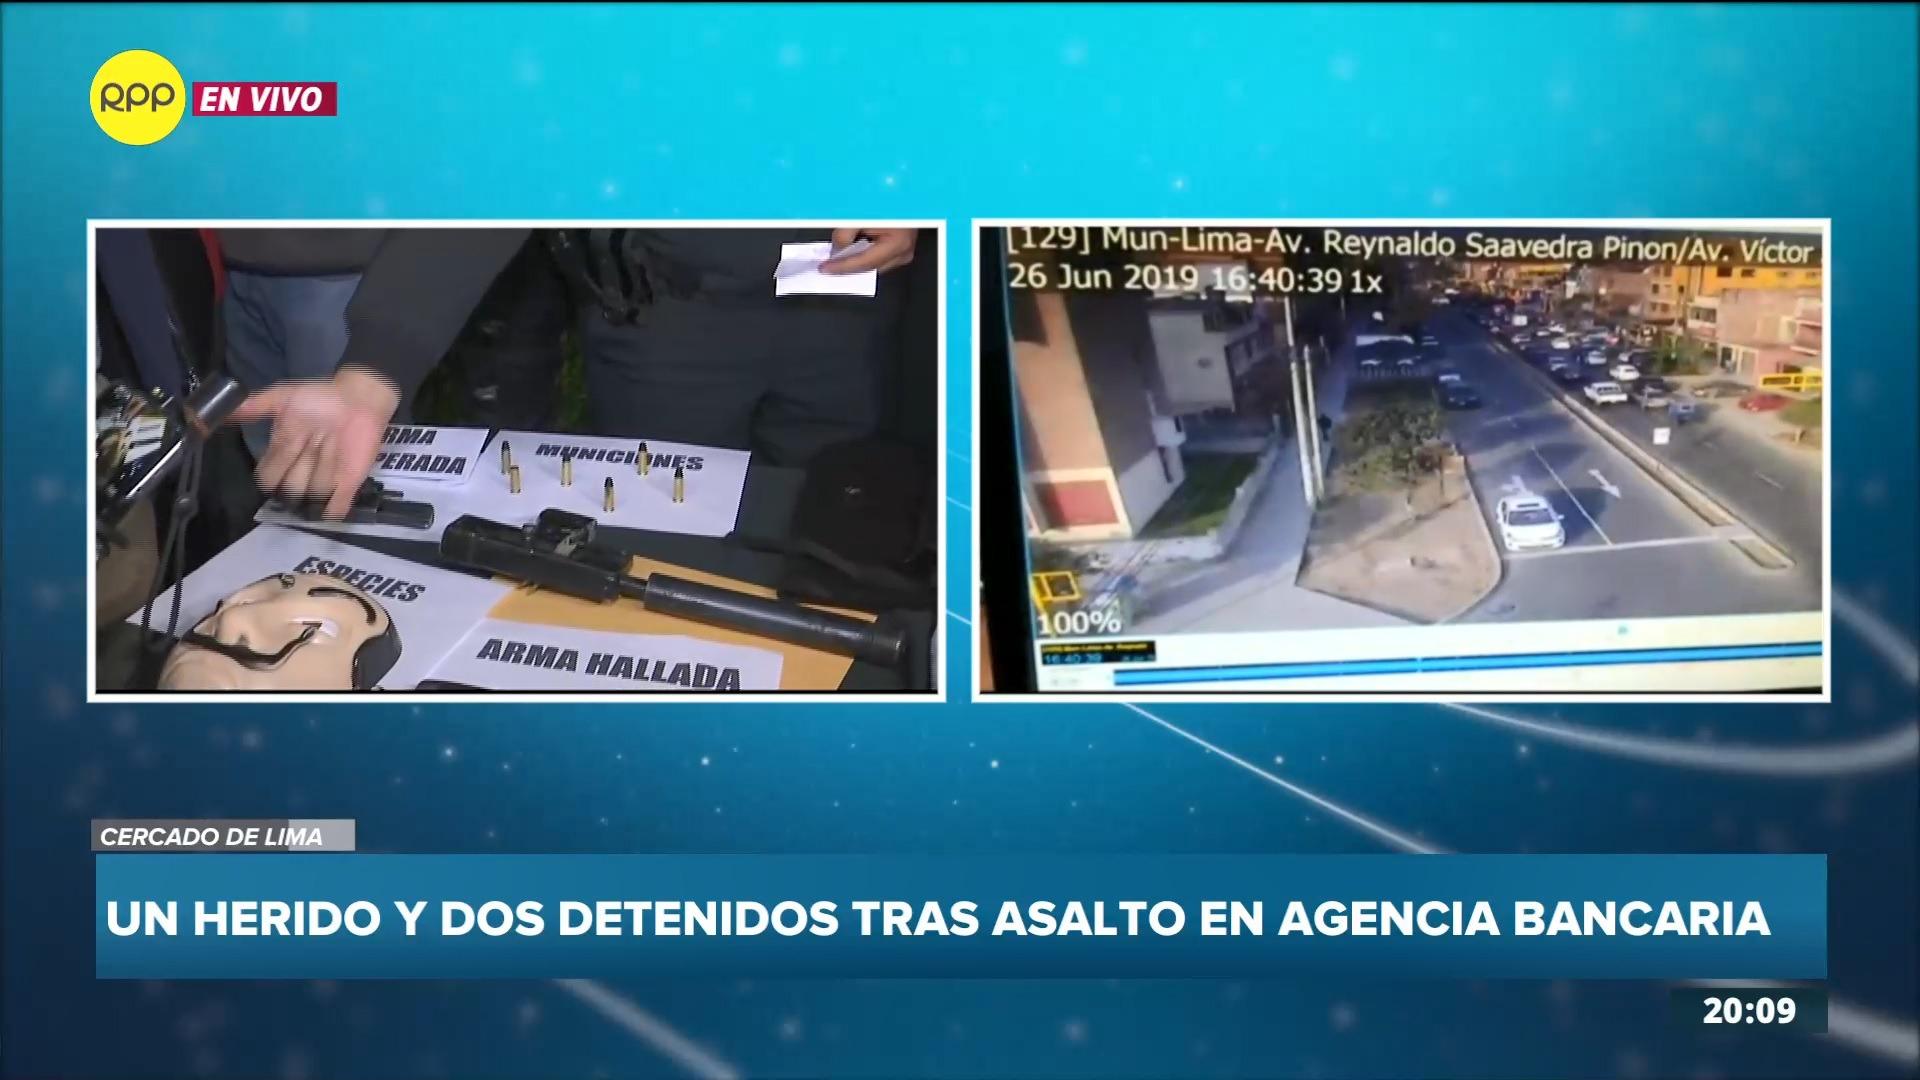 El jefe de la Región Policial Lima comentó que los detenidos serían trasladados a la Unidad de Robos.